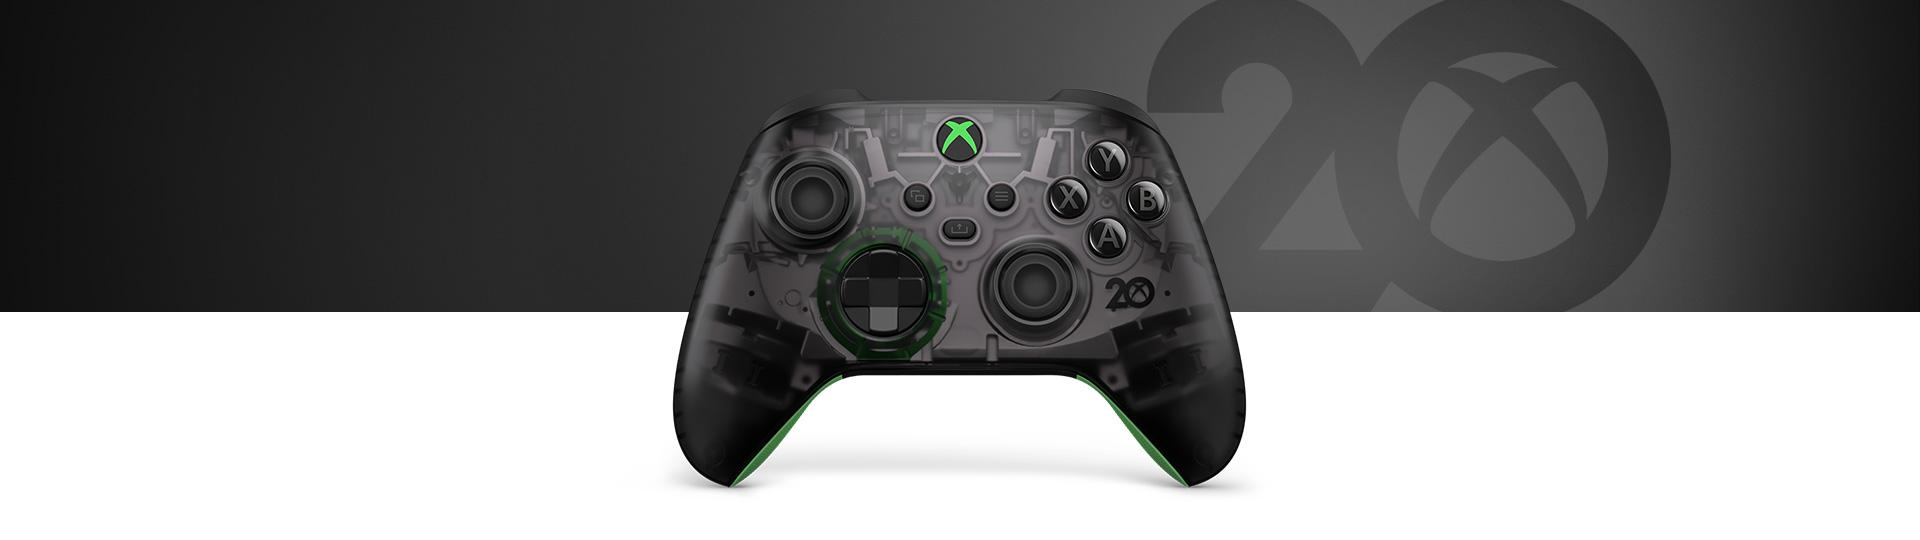 Беспроводной геймад Xbox из особой серии к 20-летней годовщине на сером фоне с цифрой 20